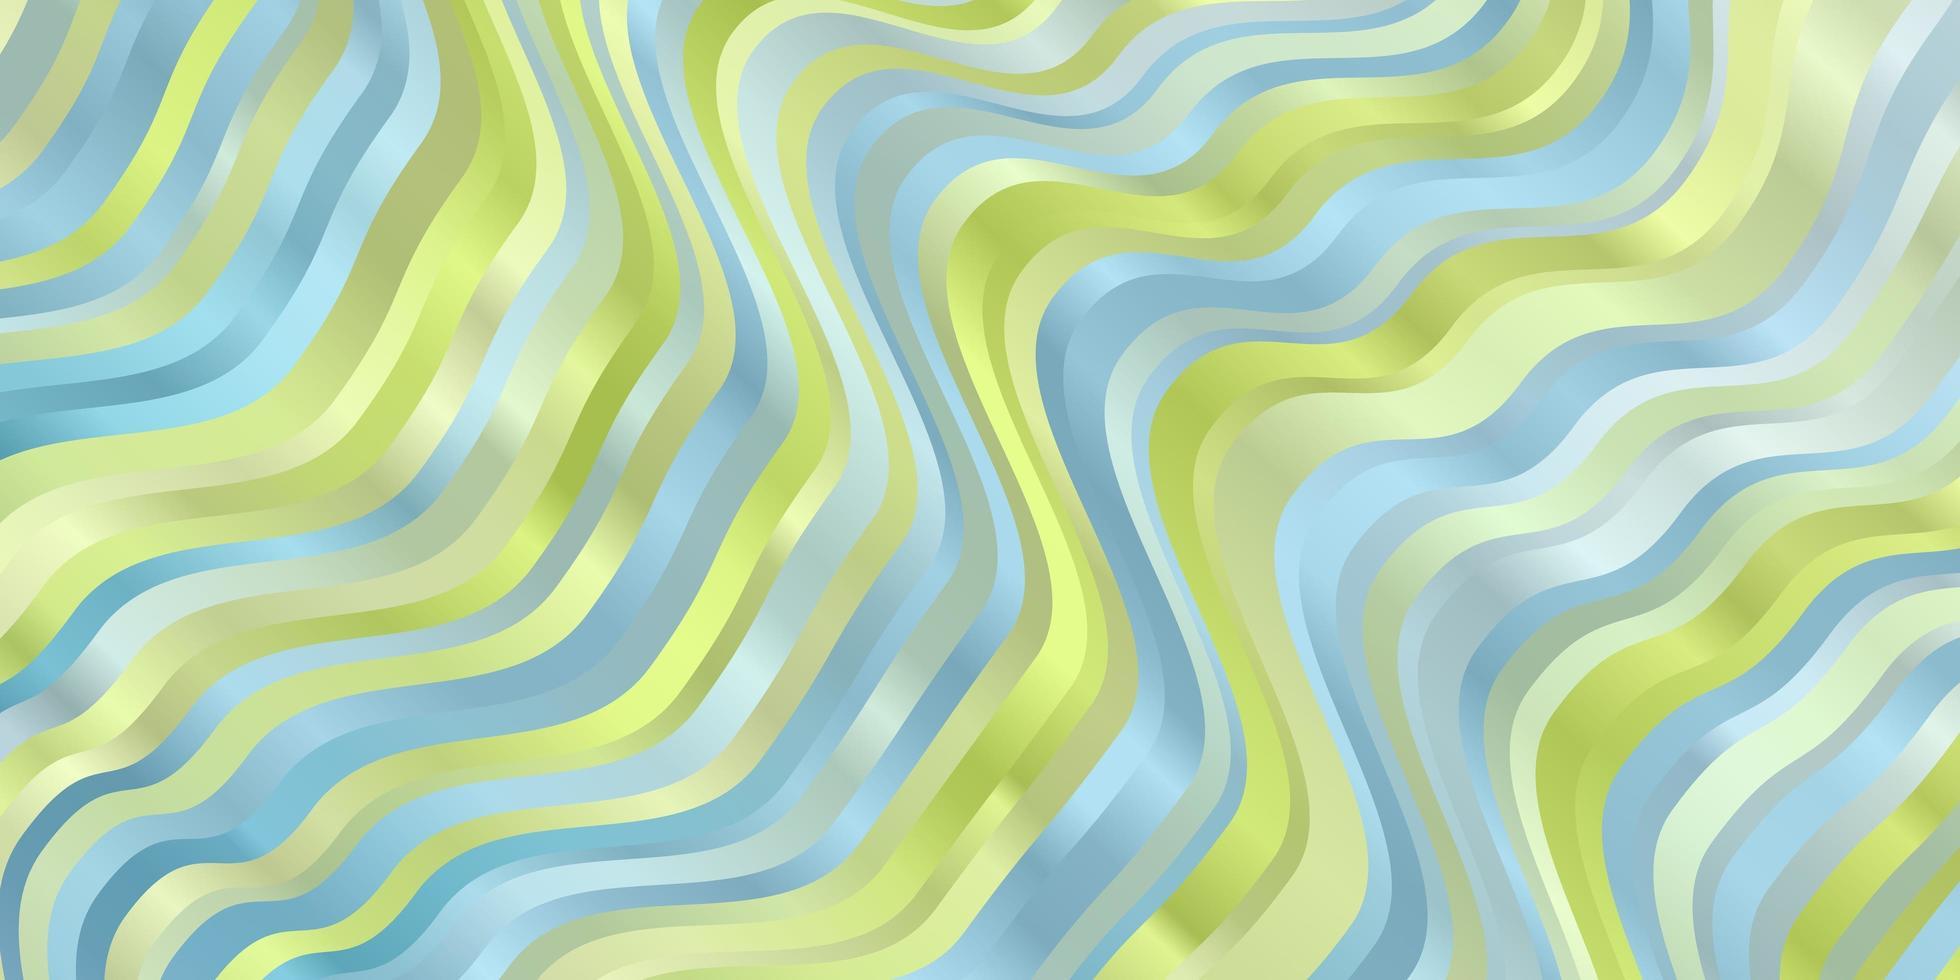 fundo azul e verde claro com curvas. vetor